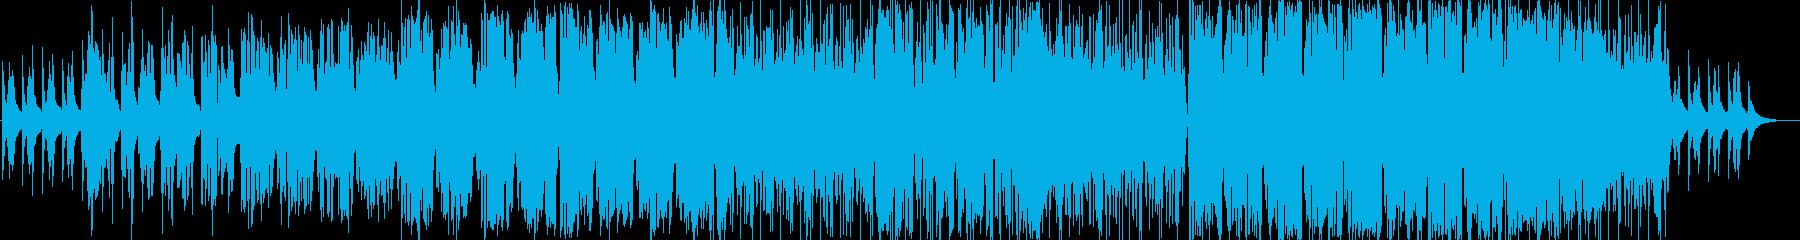 シンセが美しい幻想的なバラードの再生済みの波形